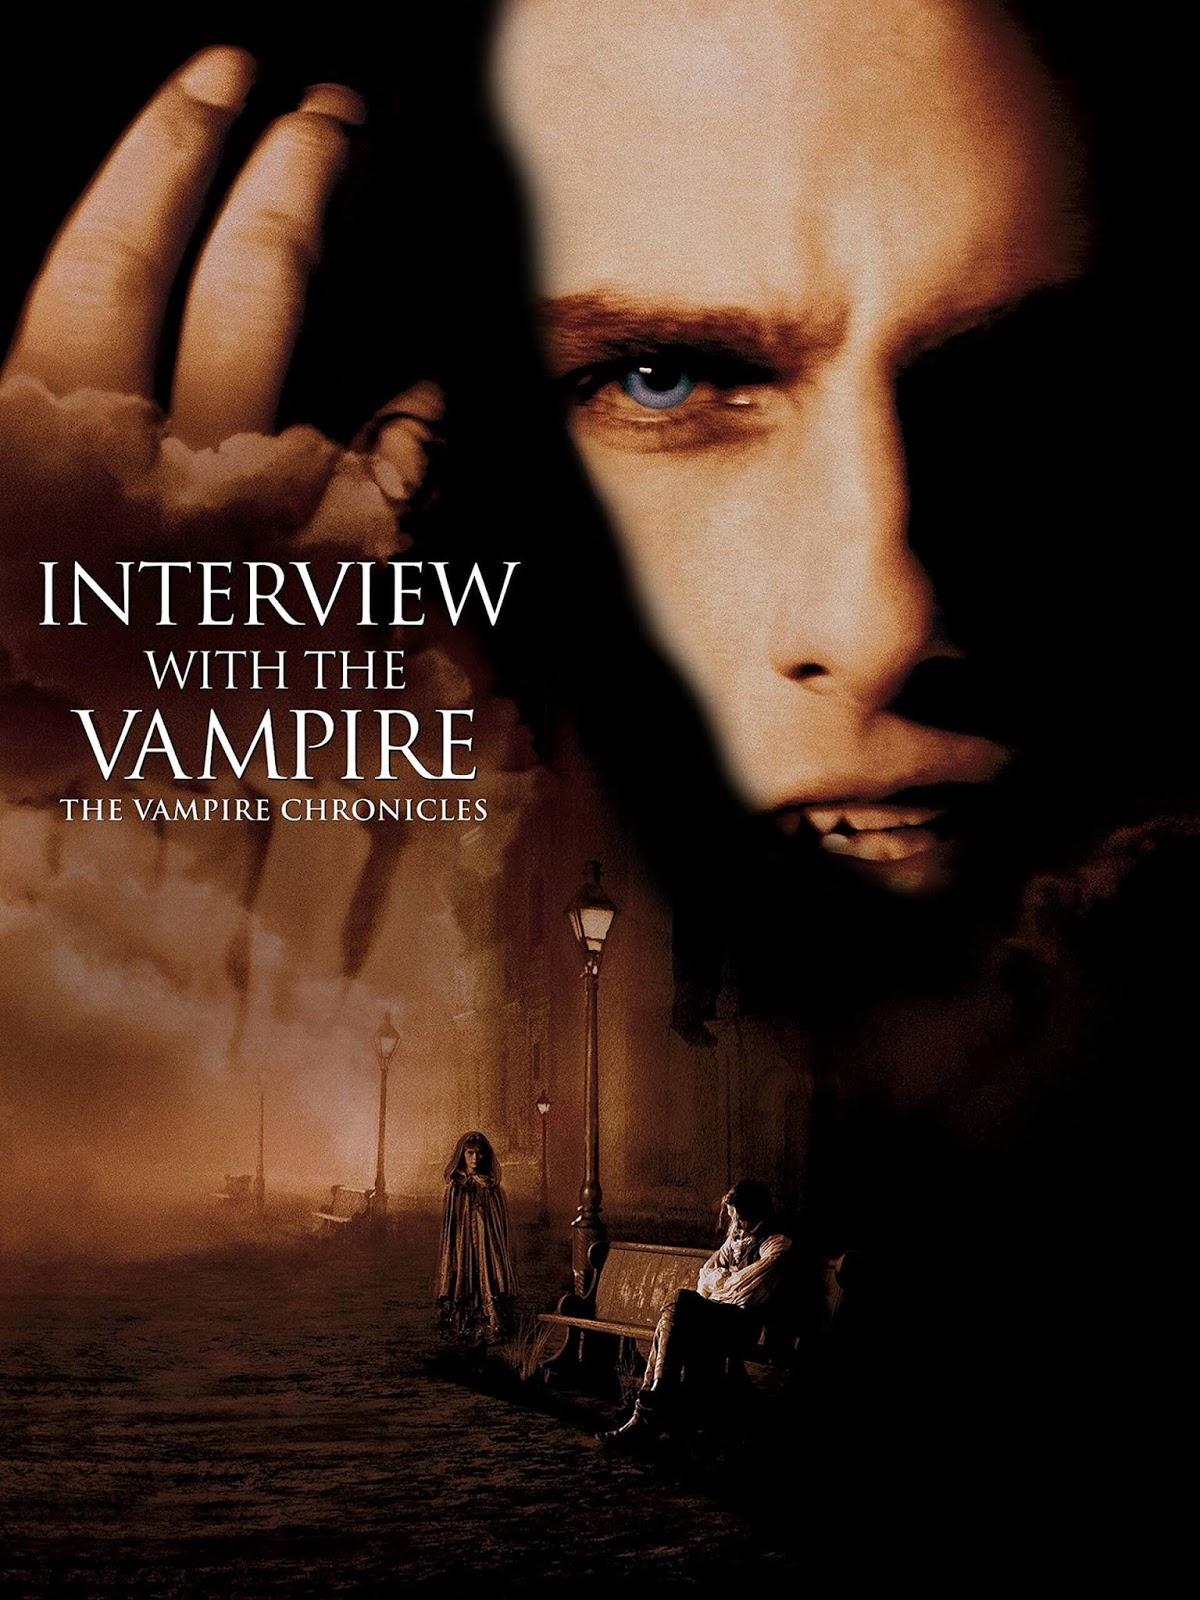 trilha sonora do filme entrevista com o vampiro